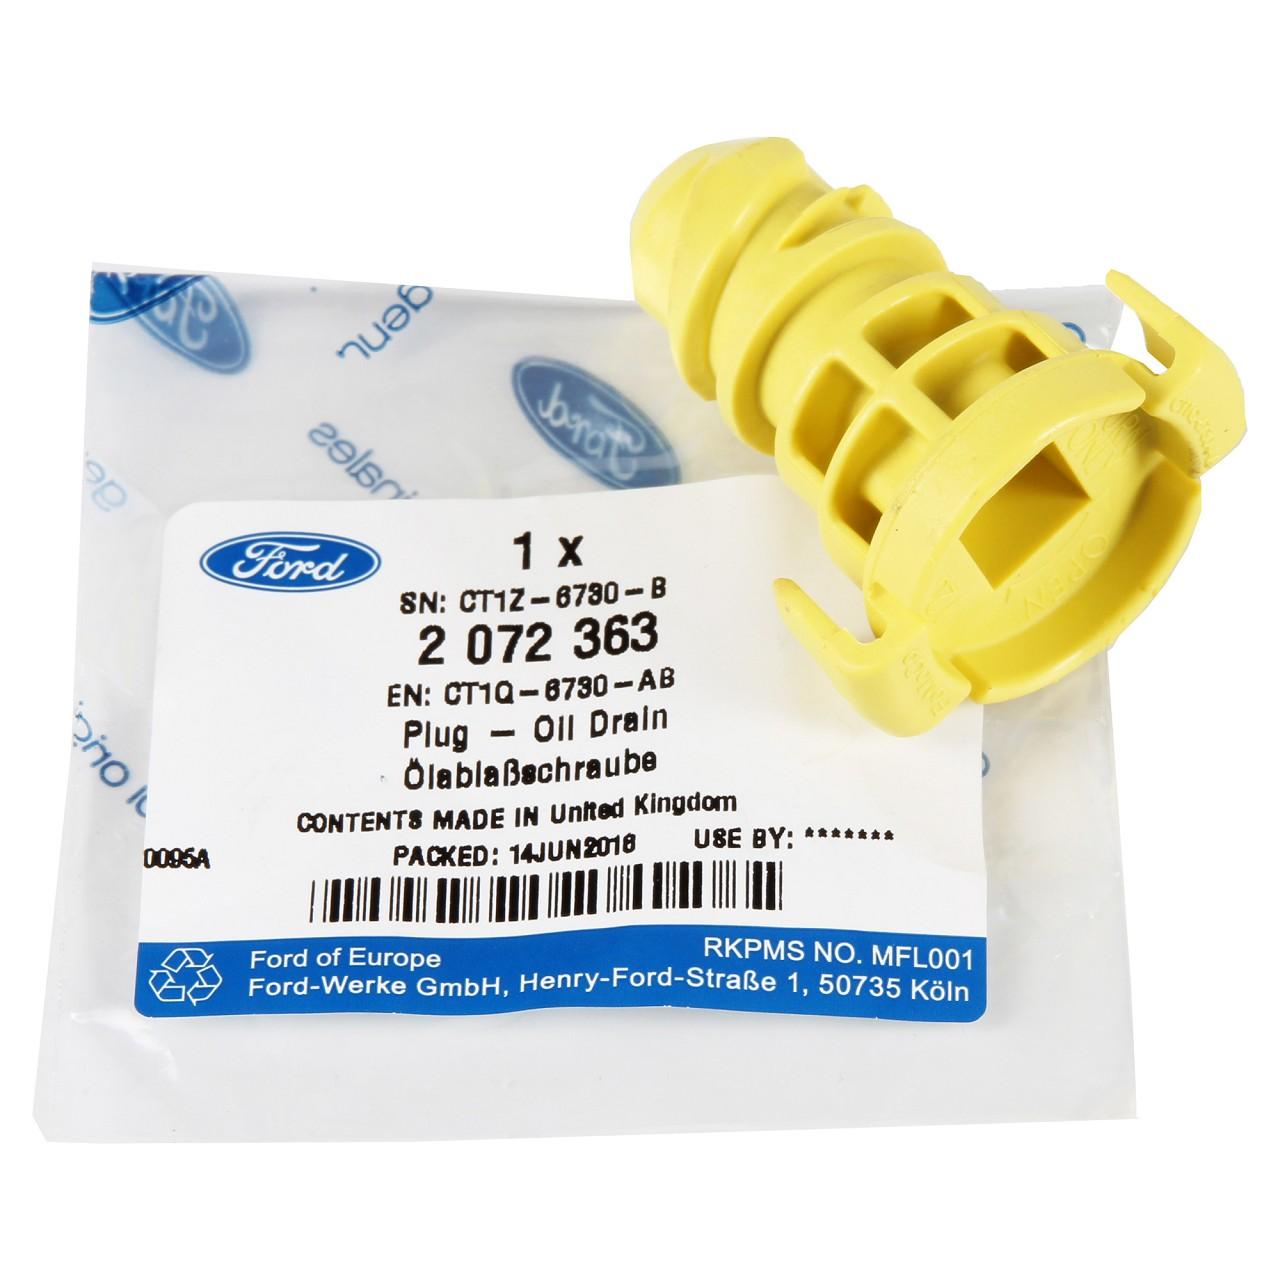 ORIGINAL Ford Ölablassschraube Verschlussschraube Ölwanne 2072363